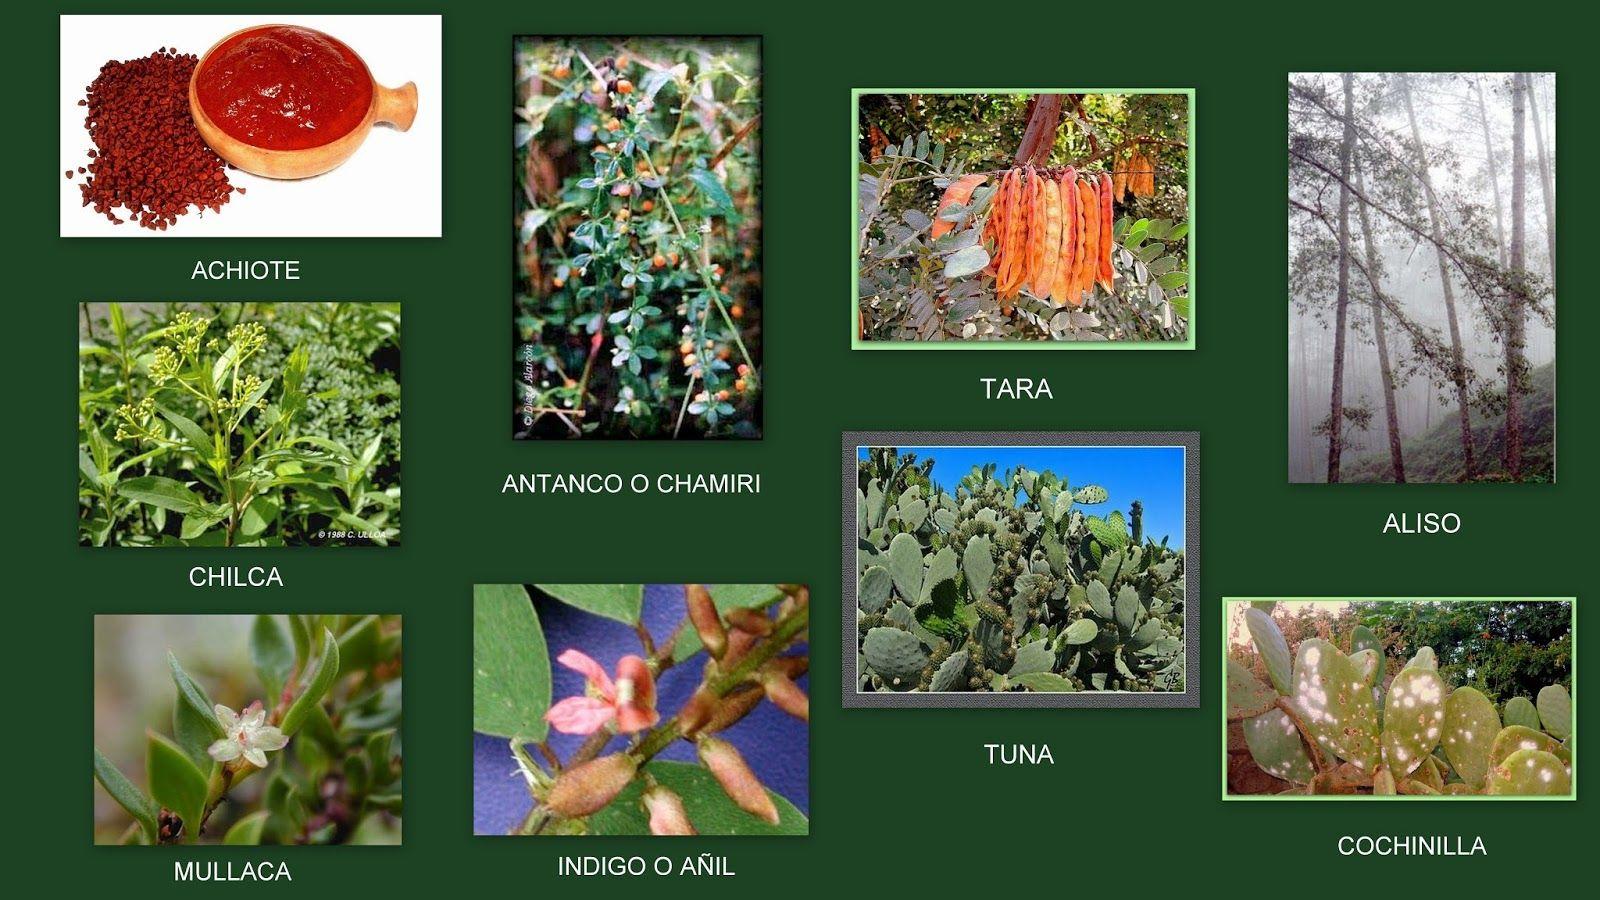 Animales y plantas de per plantas tintoreas pinterest for Plantas ornamentales del peru